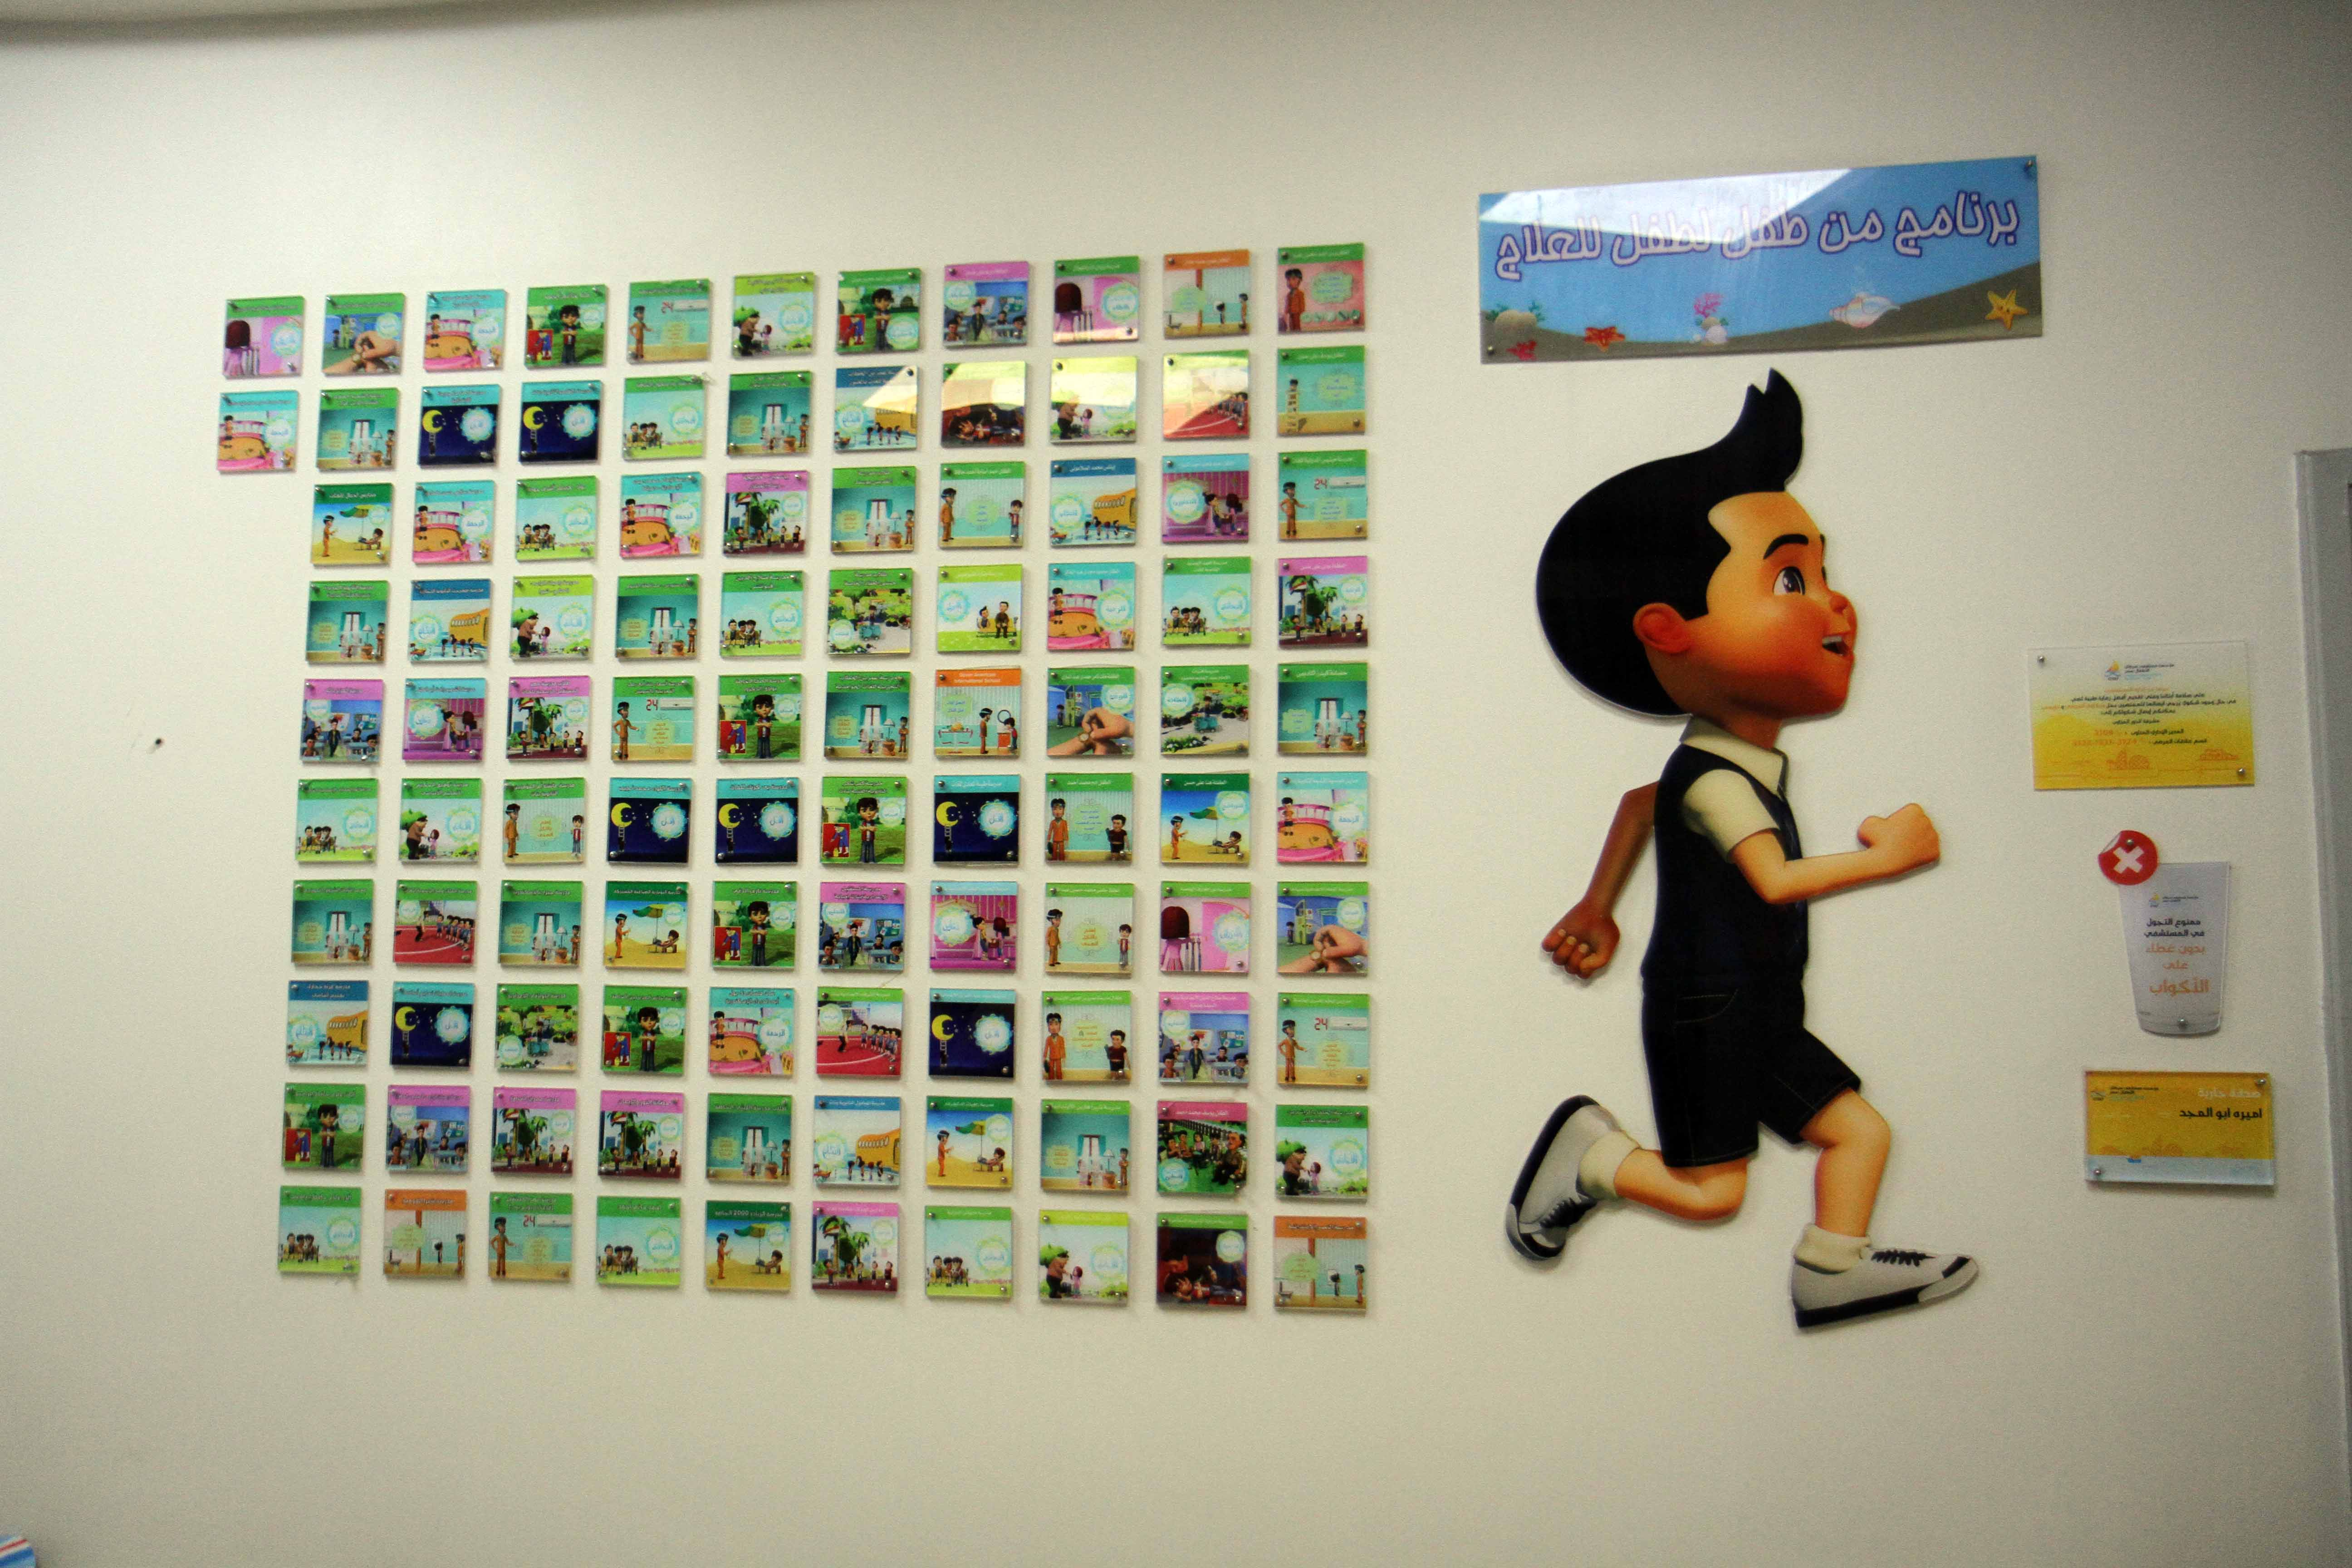 لوحات على حوائط مستشفى 57357 (1)